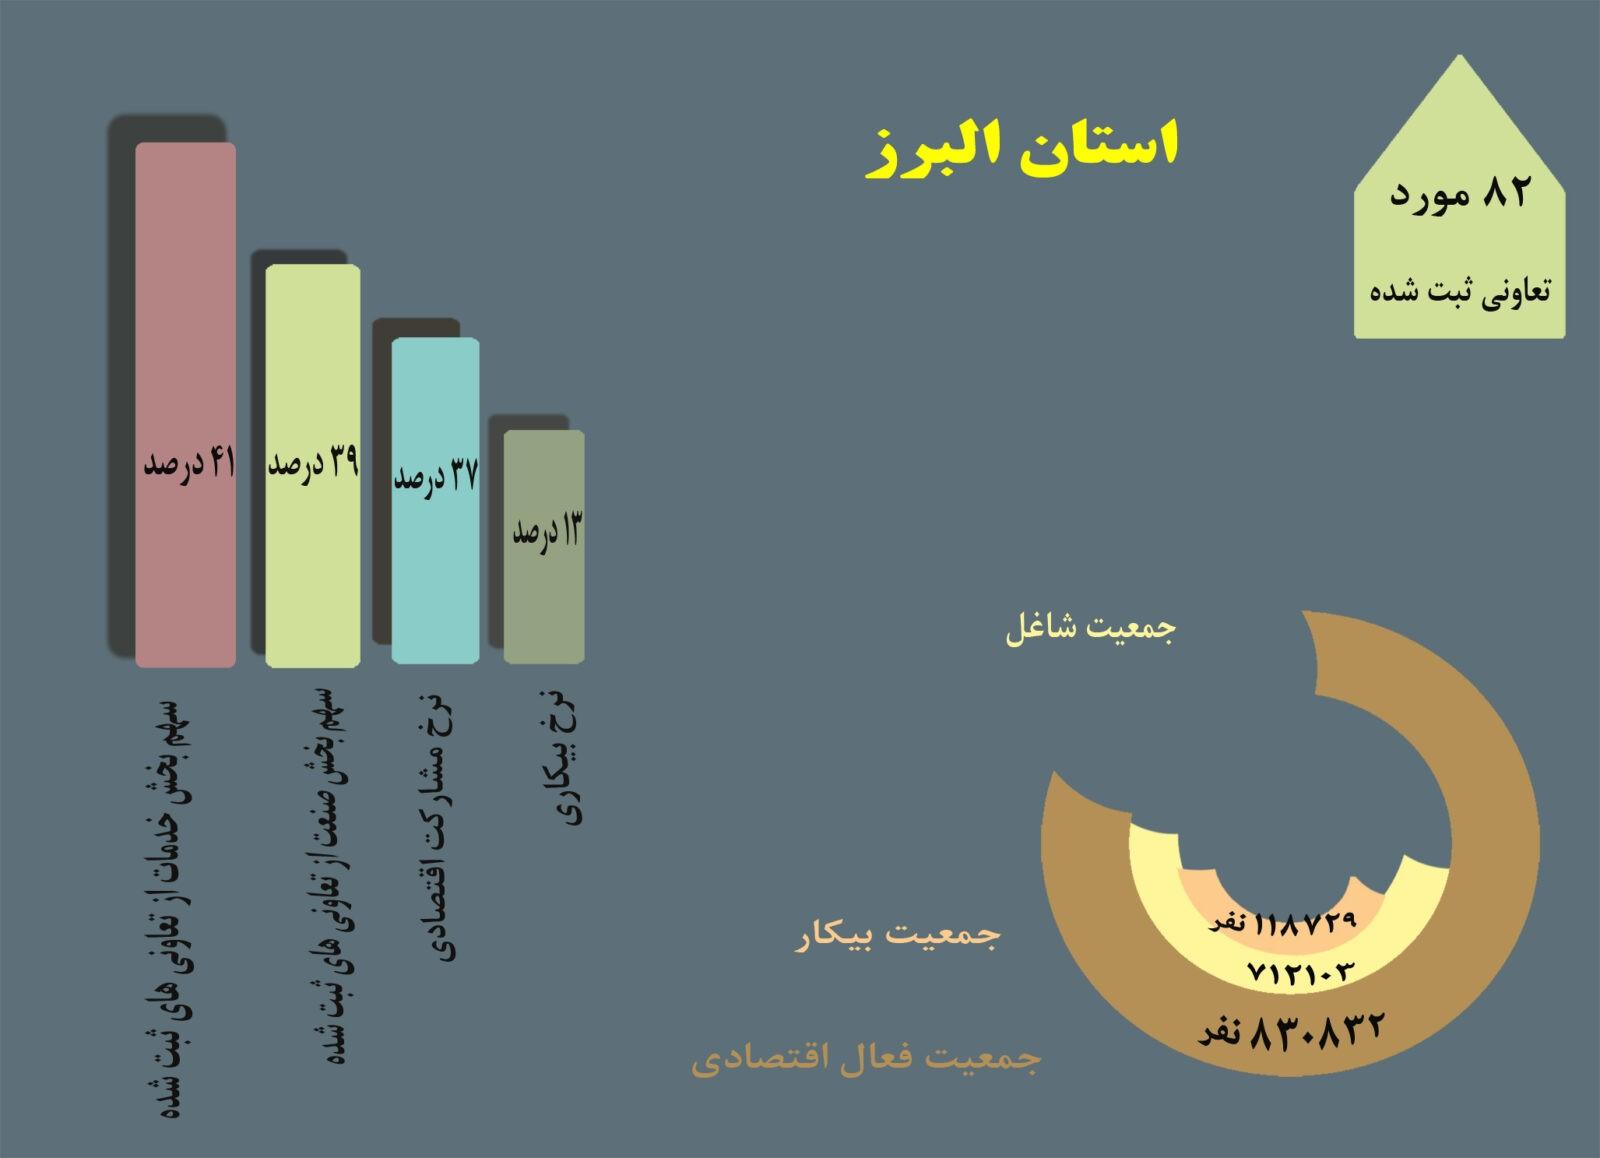 ثبت 82 تعاونی در یکسال/ نرخ 37 درصدی مشارکت اقتصادی استان البرز